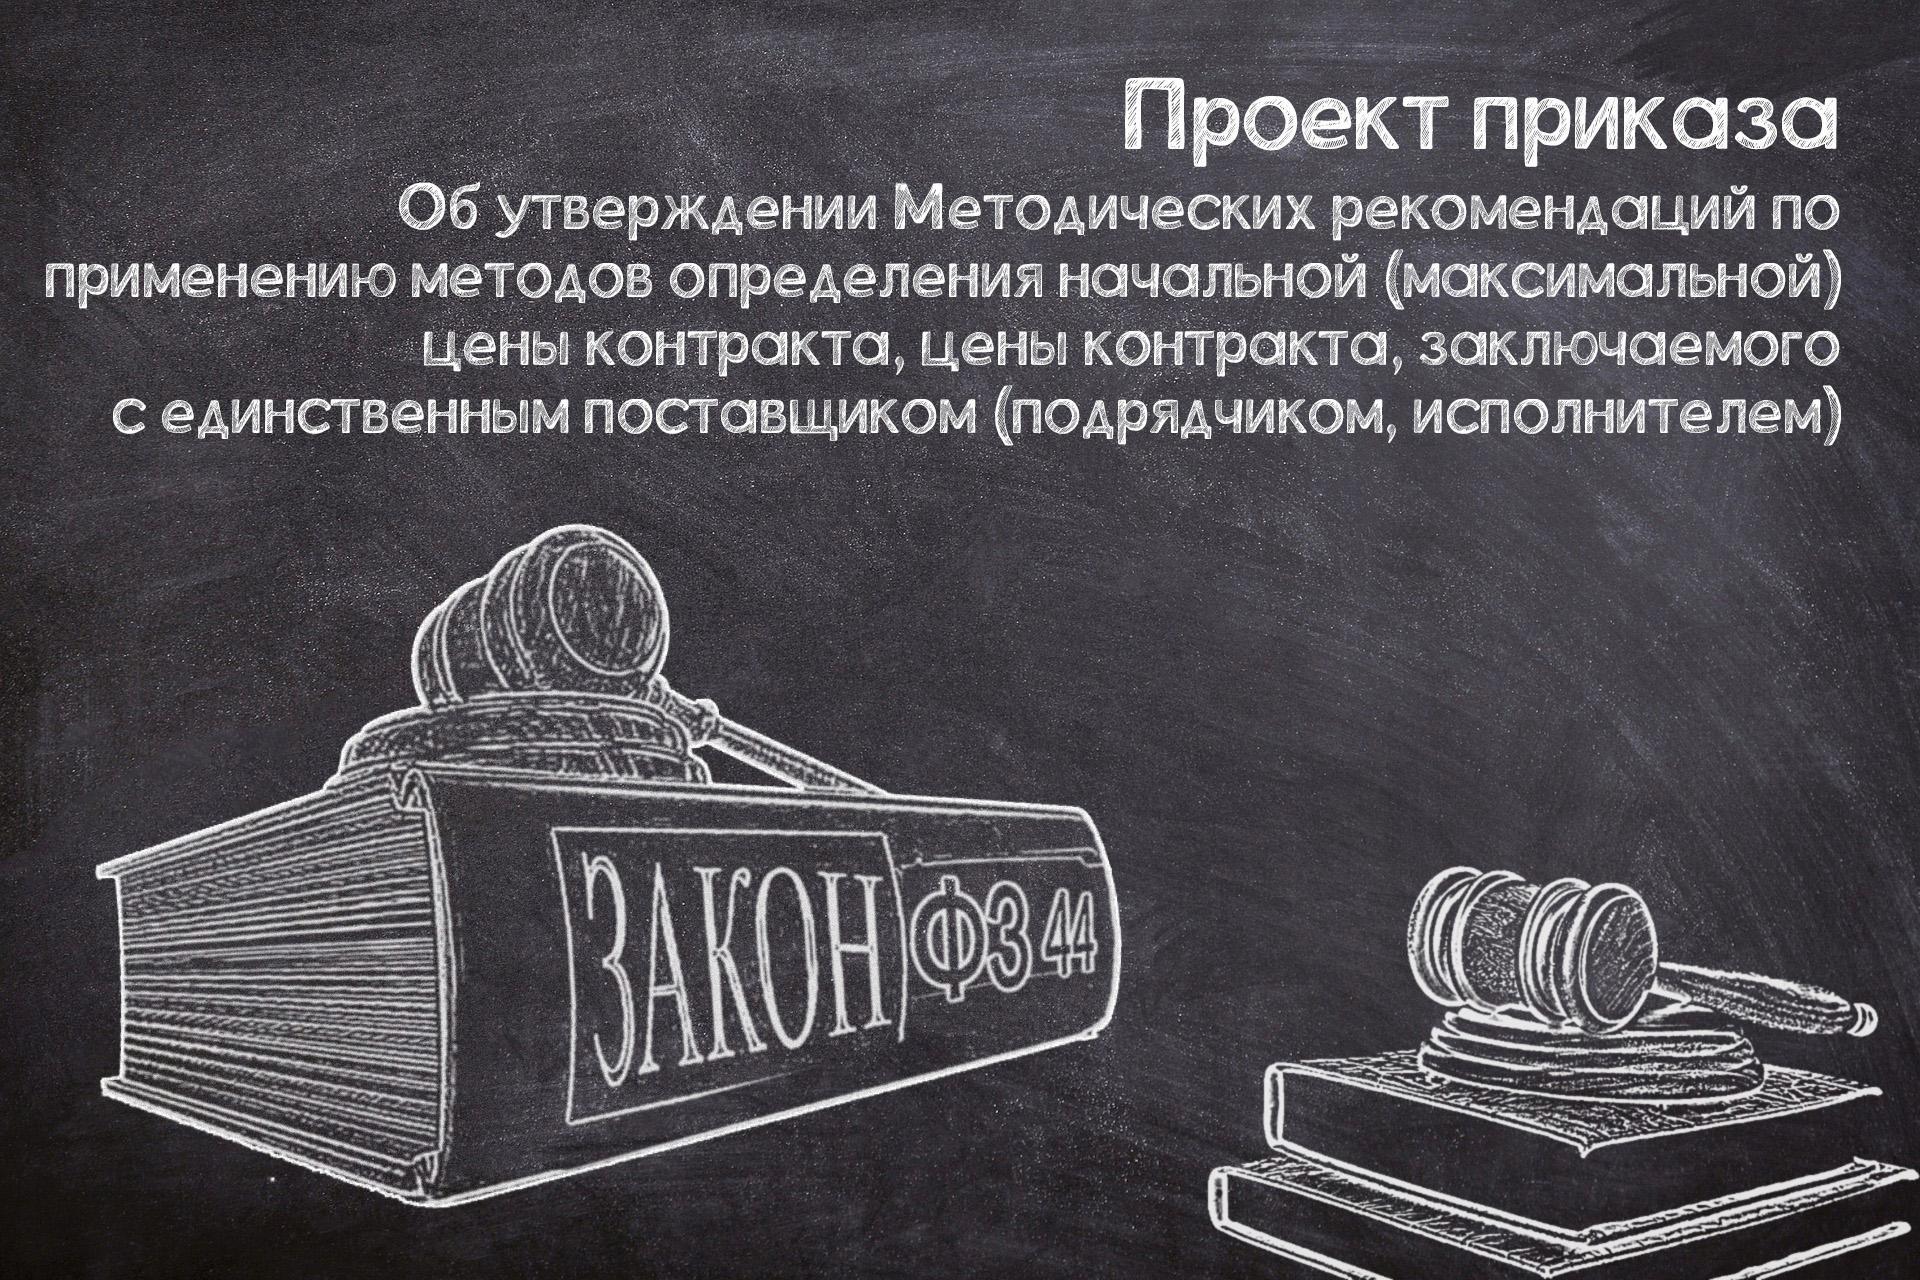 obnovlenie-metodicheskih-rekomendacij-opredeleniya-nmck